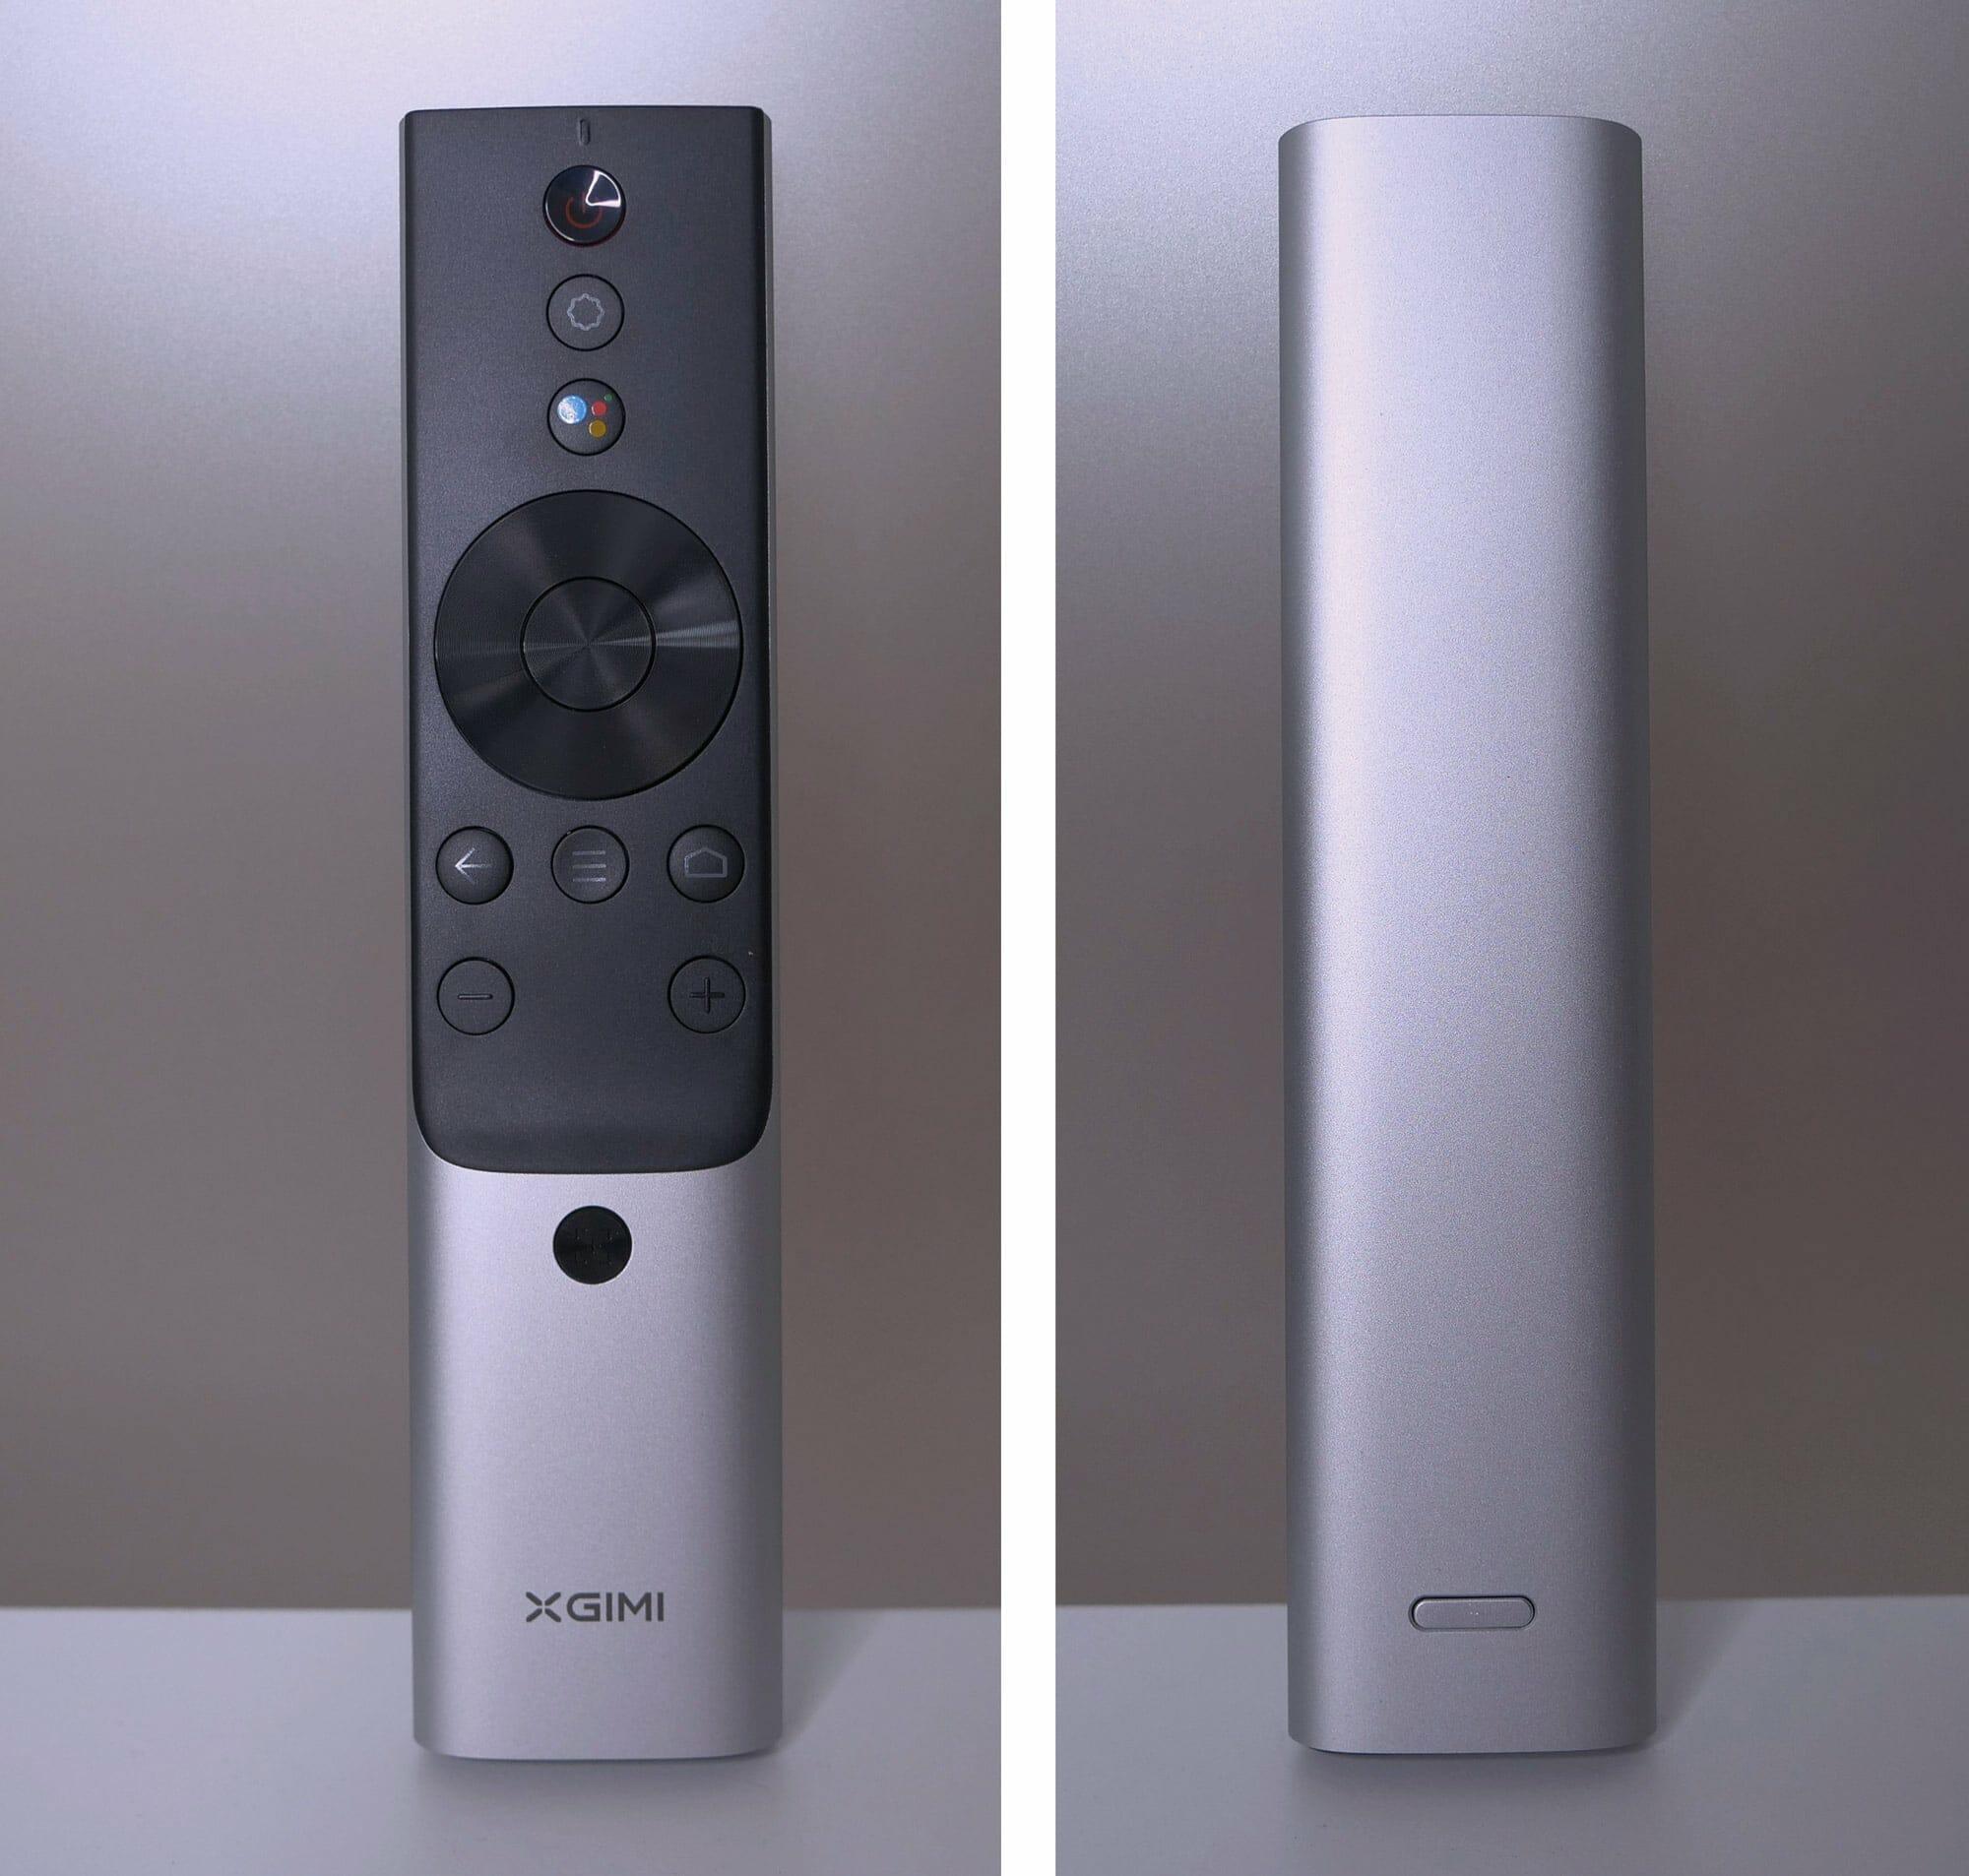 Die Bluetooth Fernbedienung des Horizon Pro hat ein wertiges Metall-Finish, angenehme Druckpunkte der Knöpfe und liegt gut in der Hand.